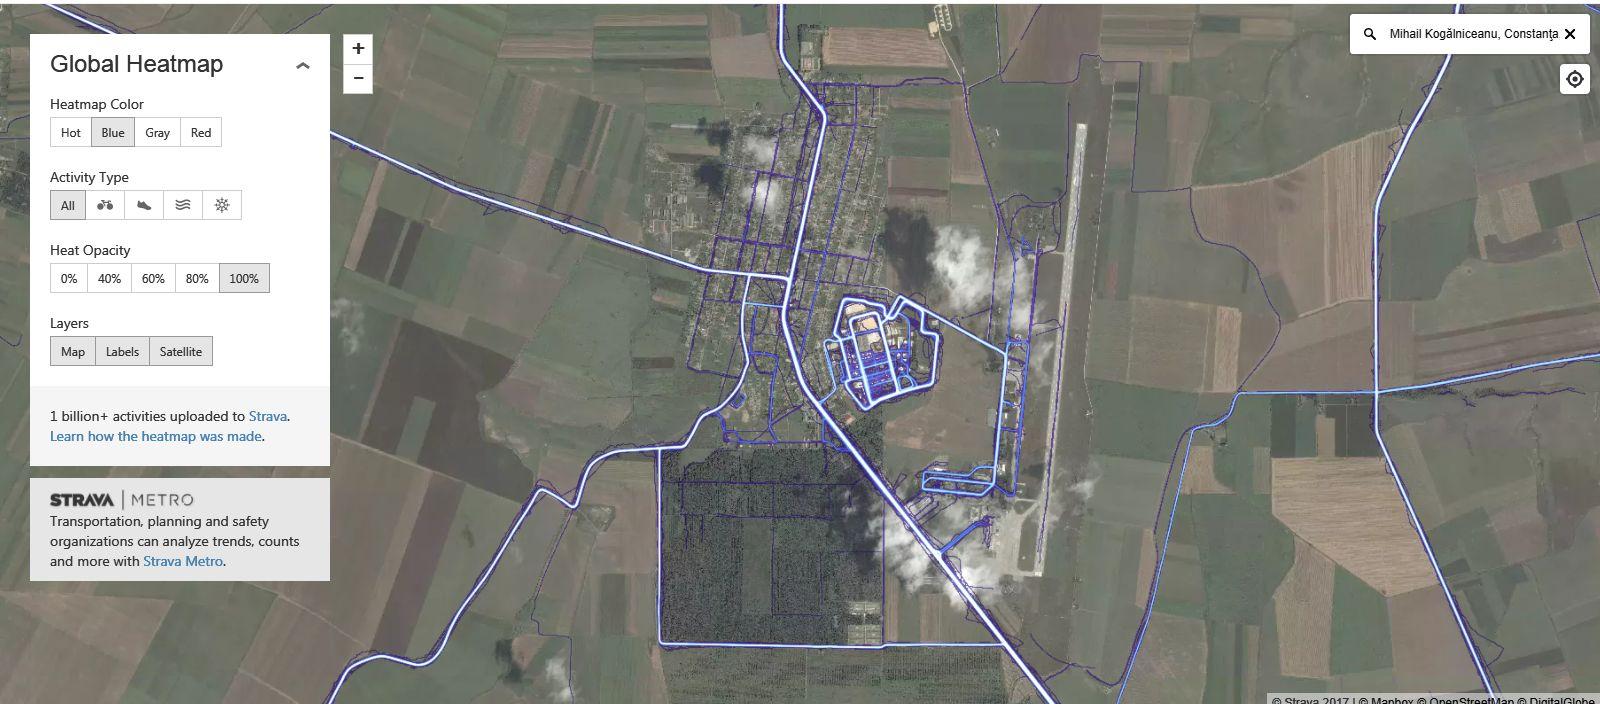 Baza de la Mihail Kogalniceanu pe hartile aplicatiei de fitness Strava